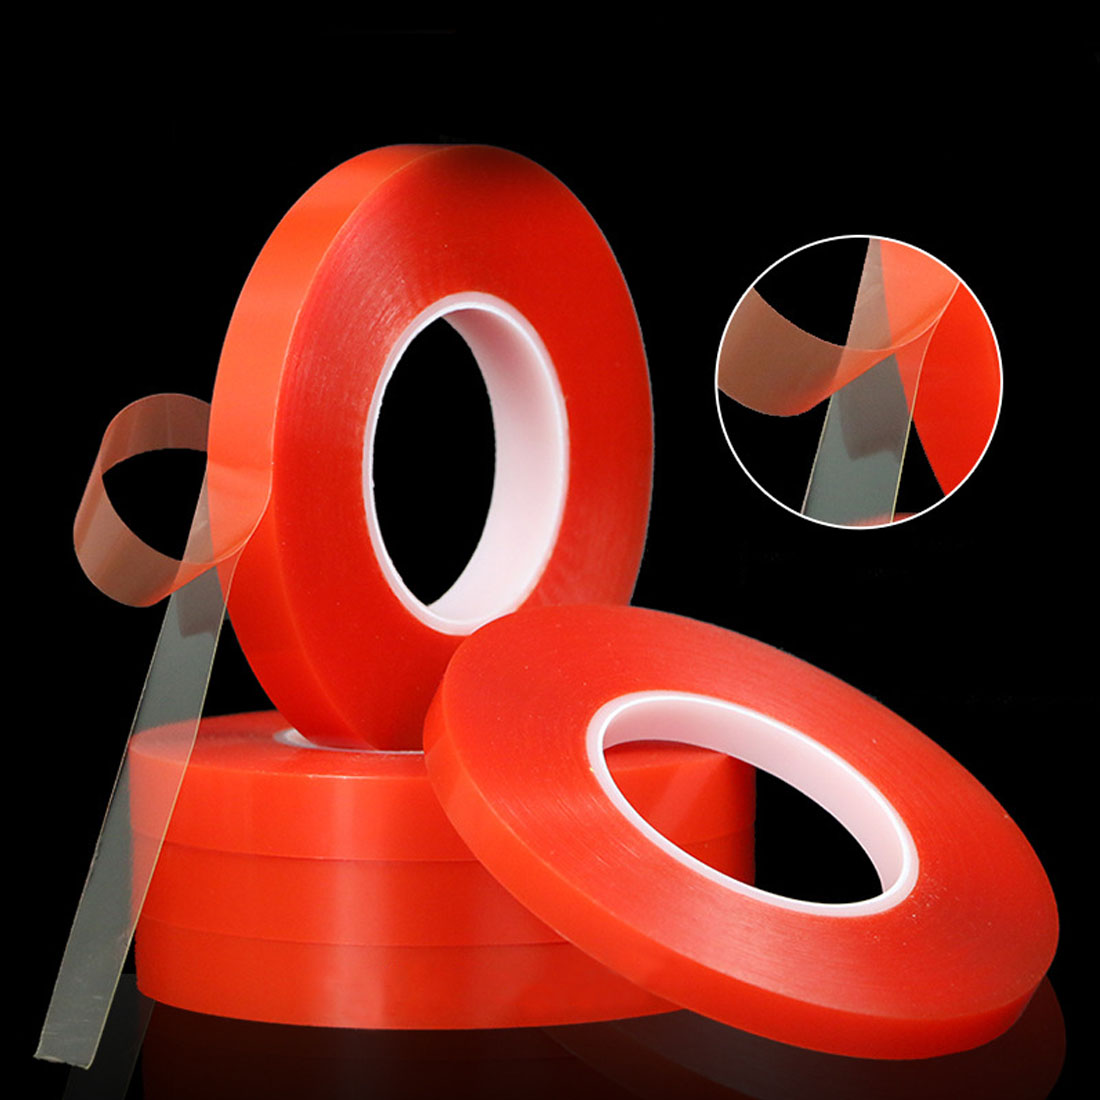 2mm 50M cinta de doble cara fuerte Adhesivo acrílico película roja pegatina transparente para el teléfono móvil pantalla del panel LCD herramienta de reparación de la pantalla Dispositivo de muñeca de potencia ajustable fuerza del antebrazo fuerza Flexor pinza de mano herramienta de entrenamiento ejercitador acero primavera Fitness equipos